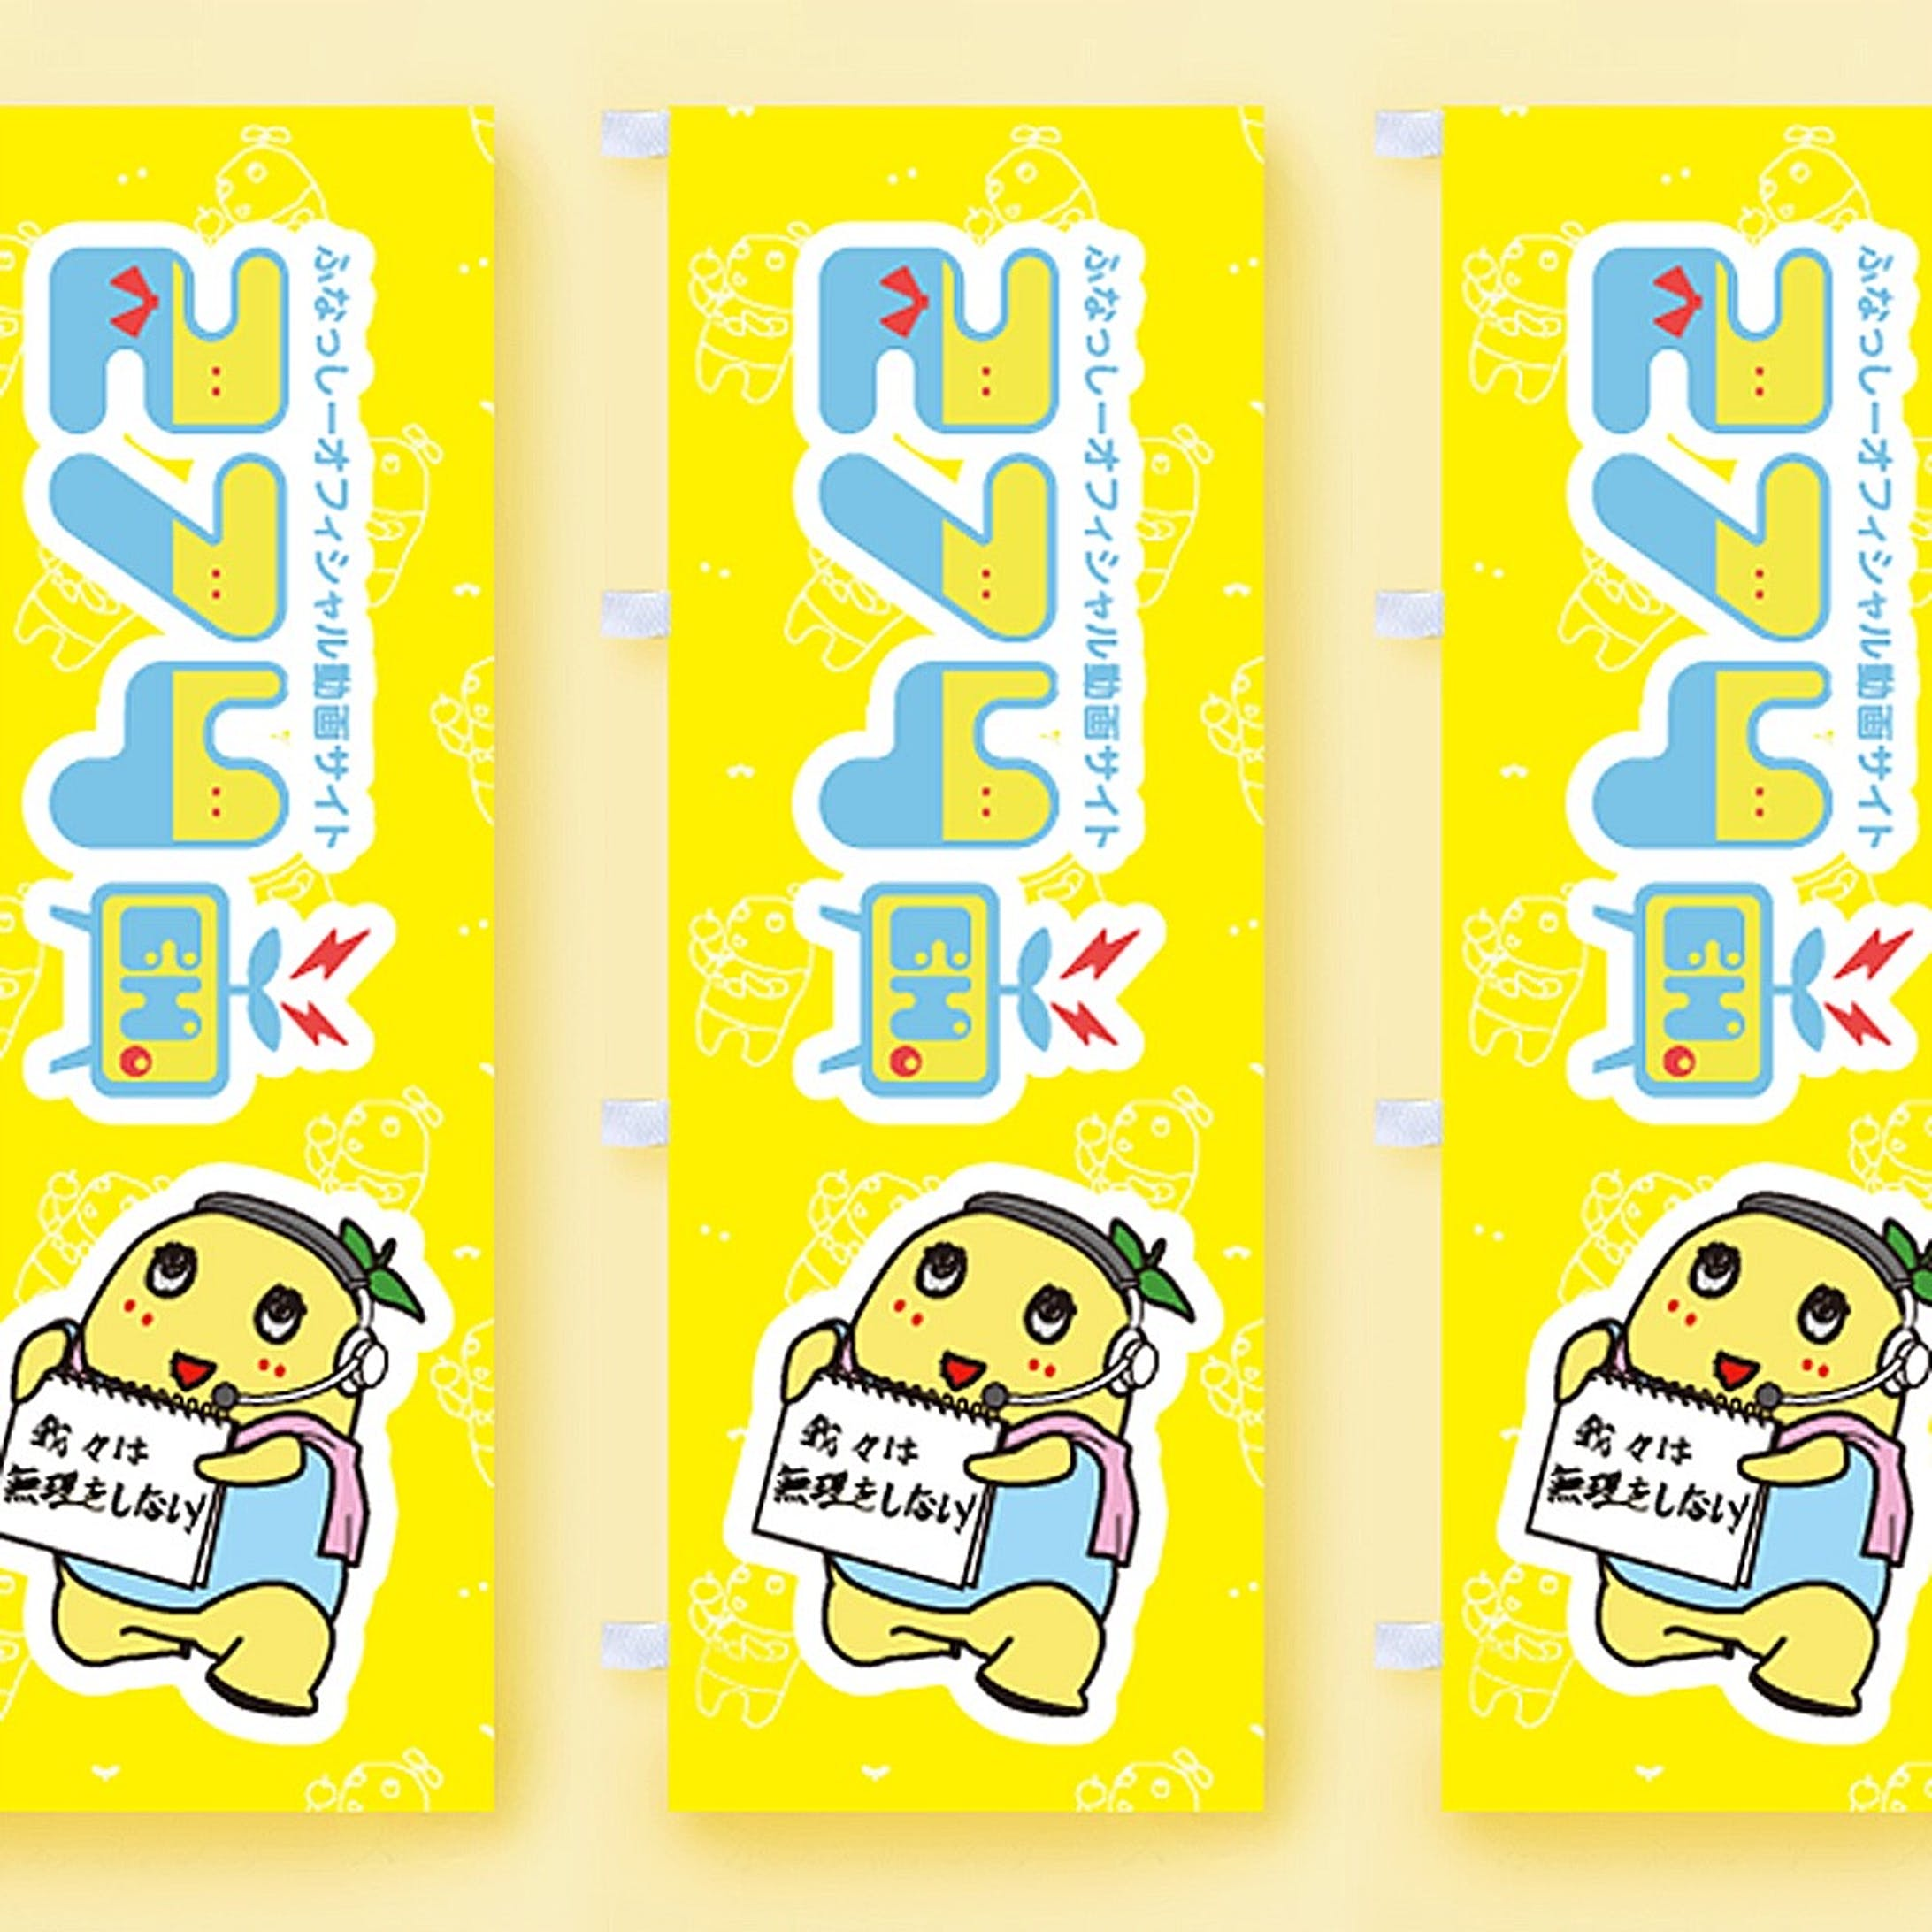 梨祭 NASSYI FES. in 武道館 official poster & nobori design.-1